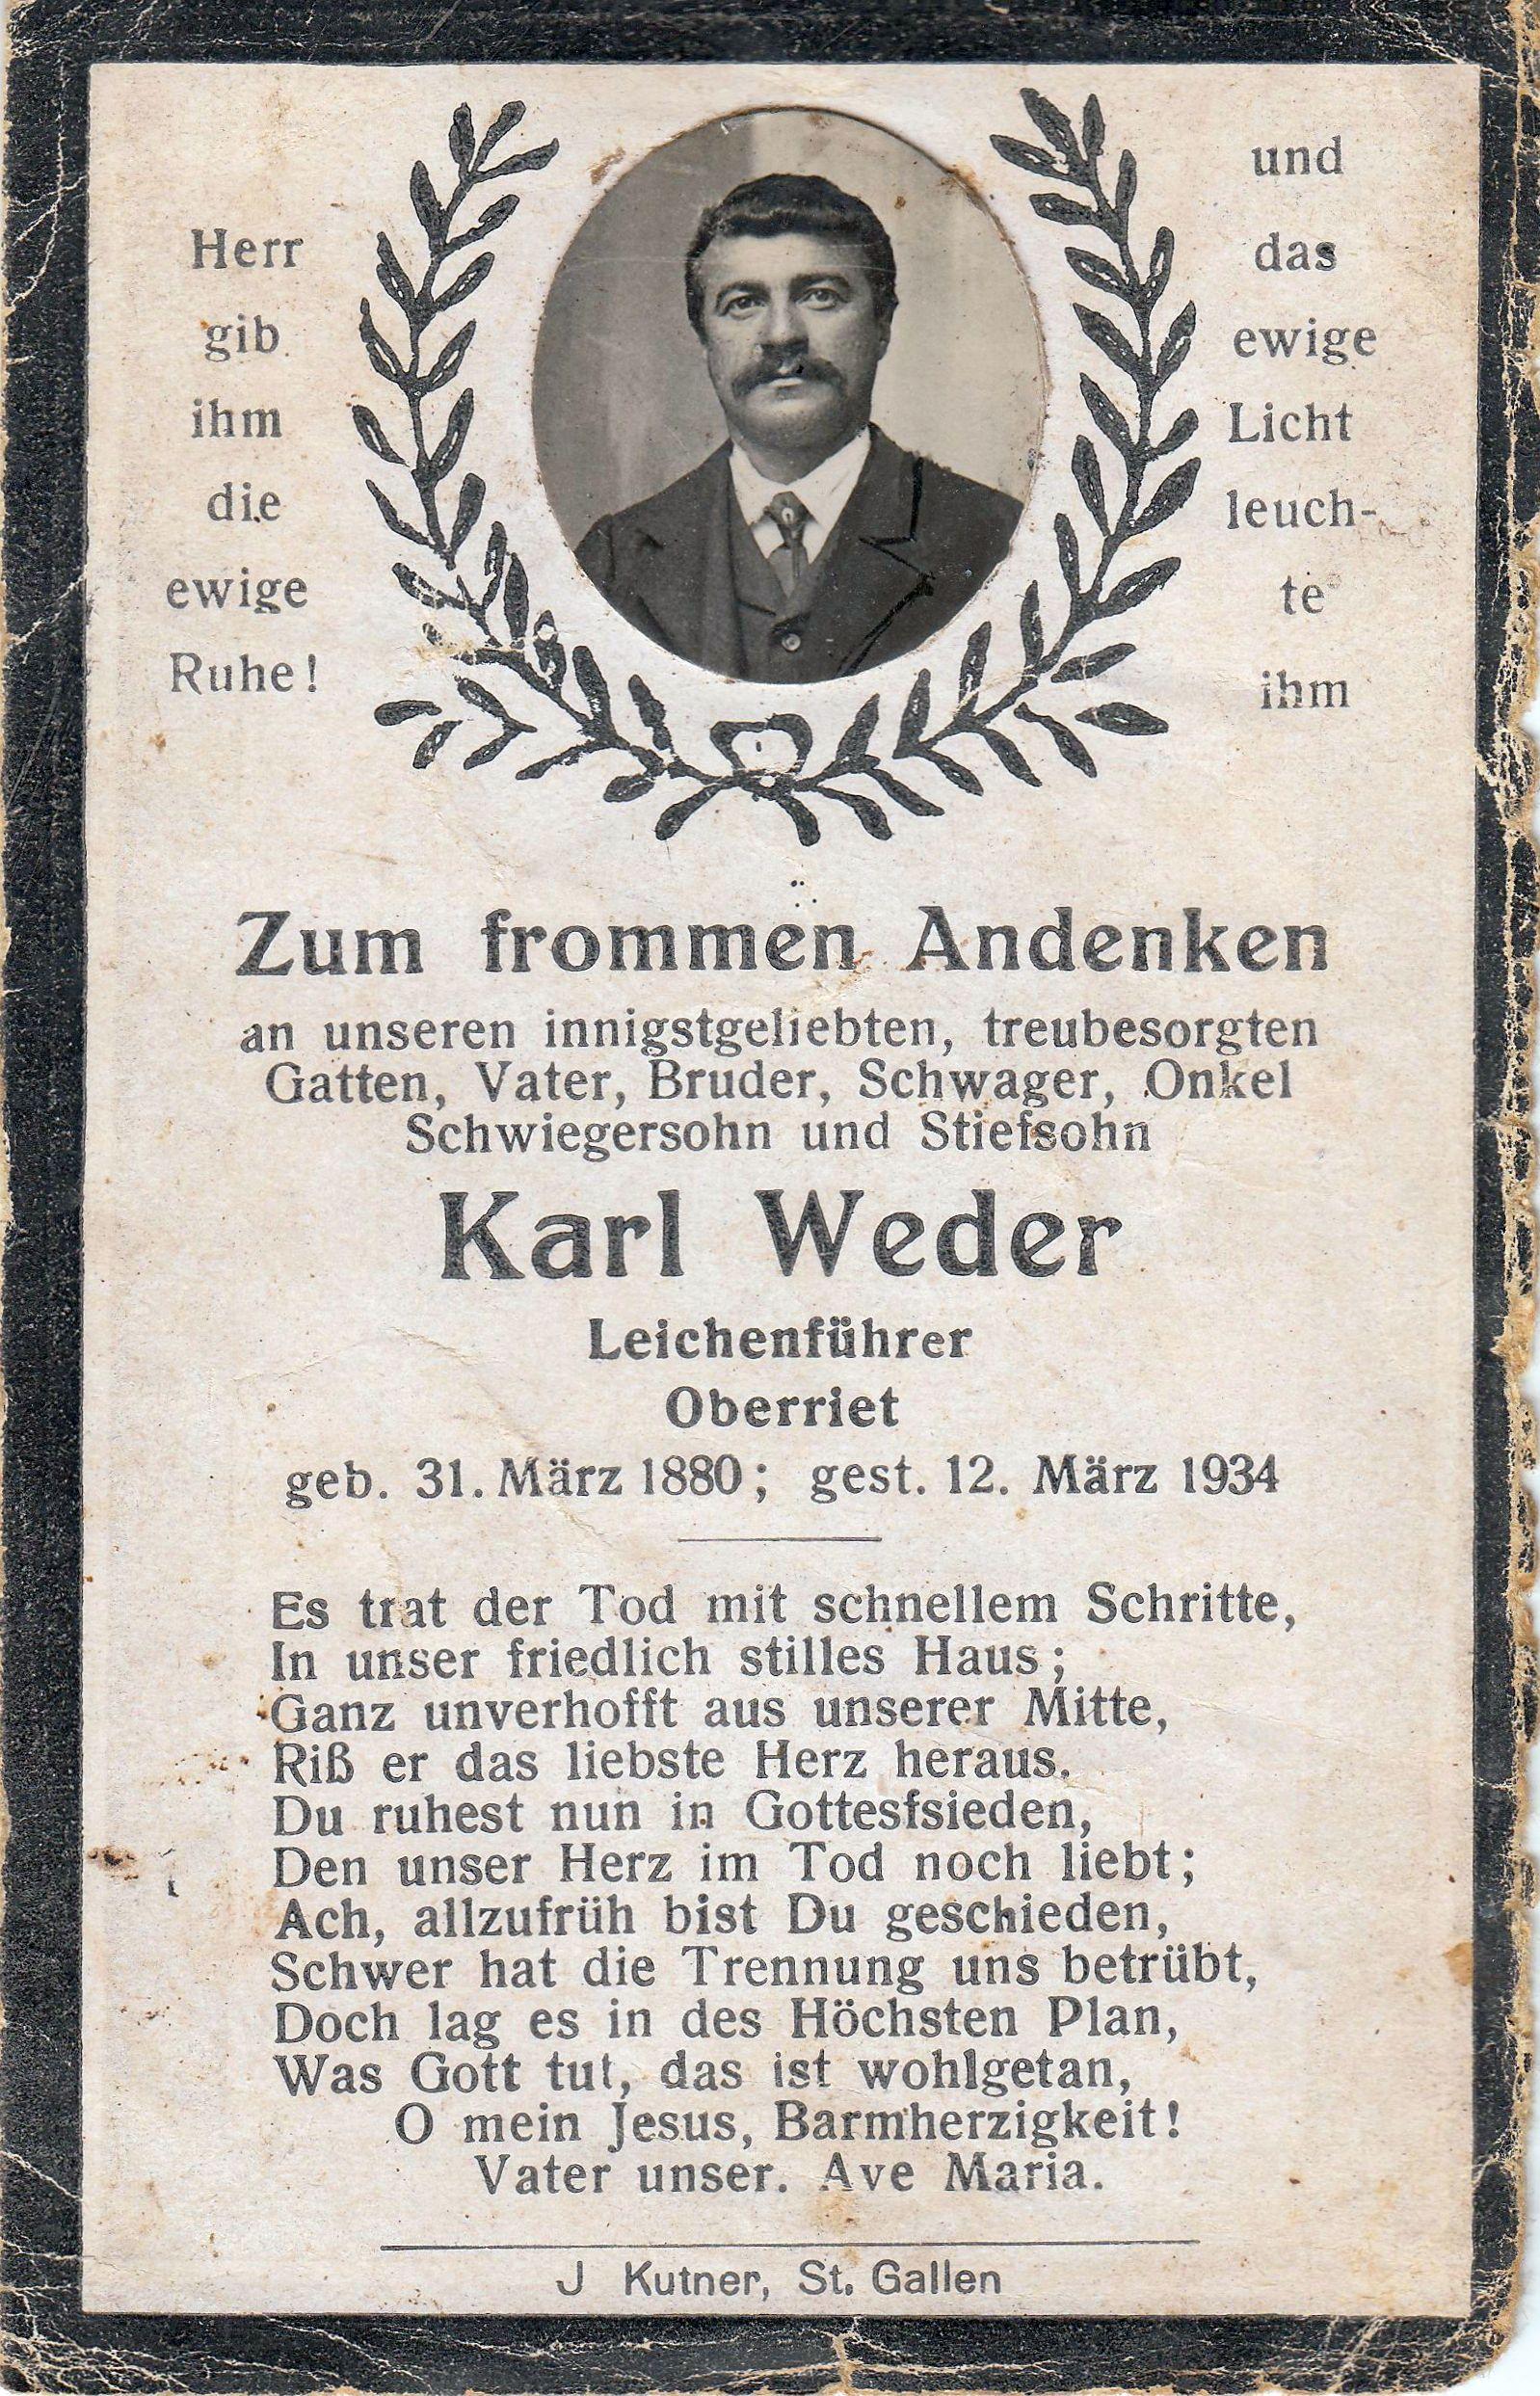 Karl Weder (1880-1934)